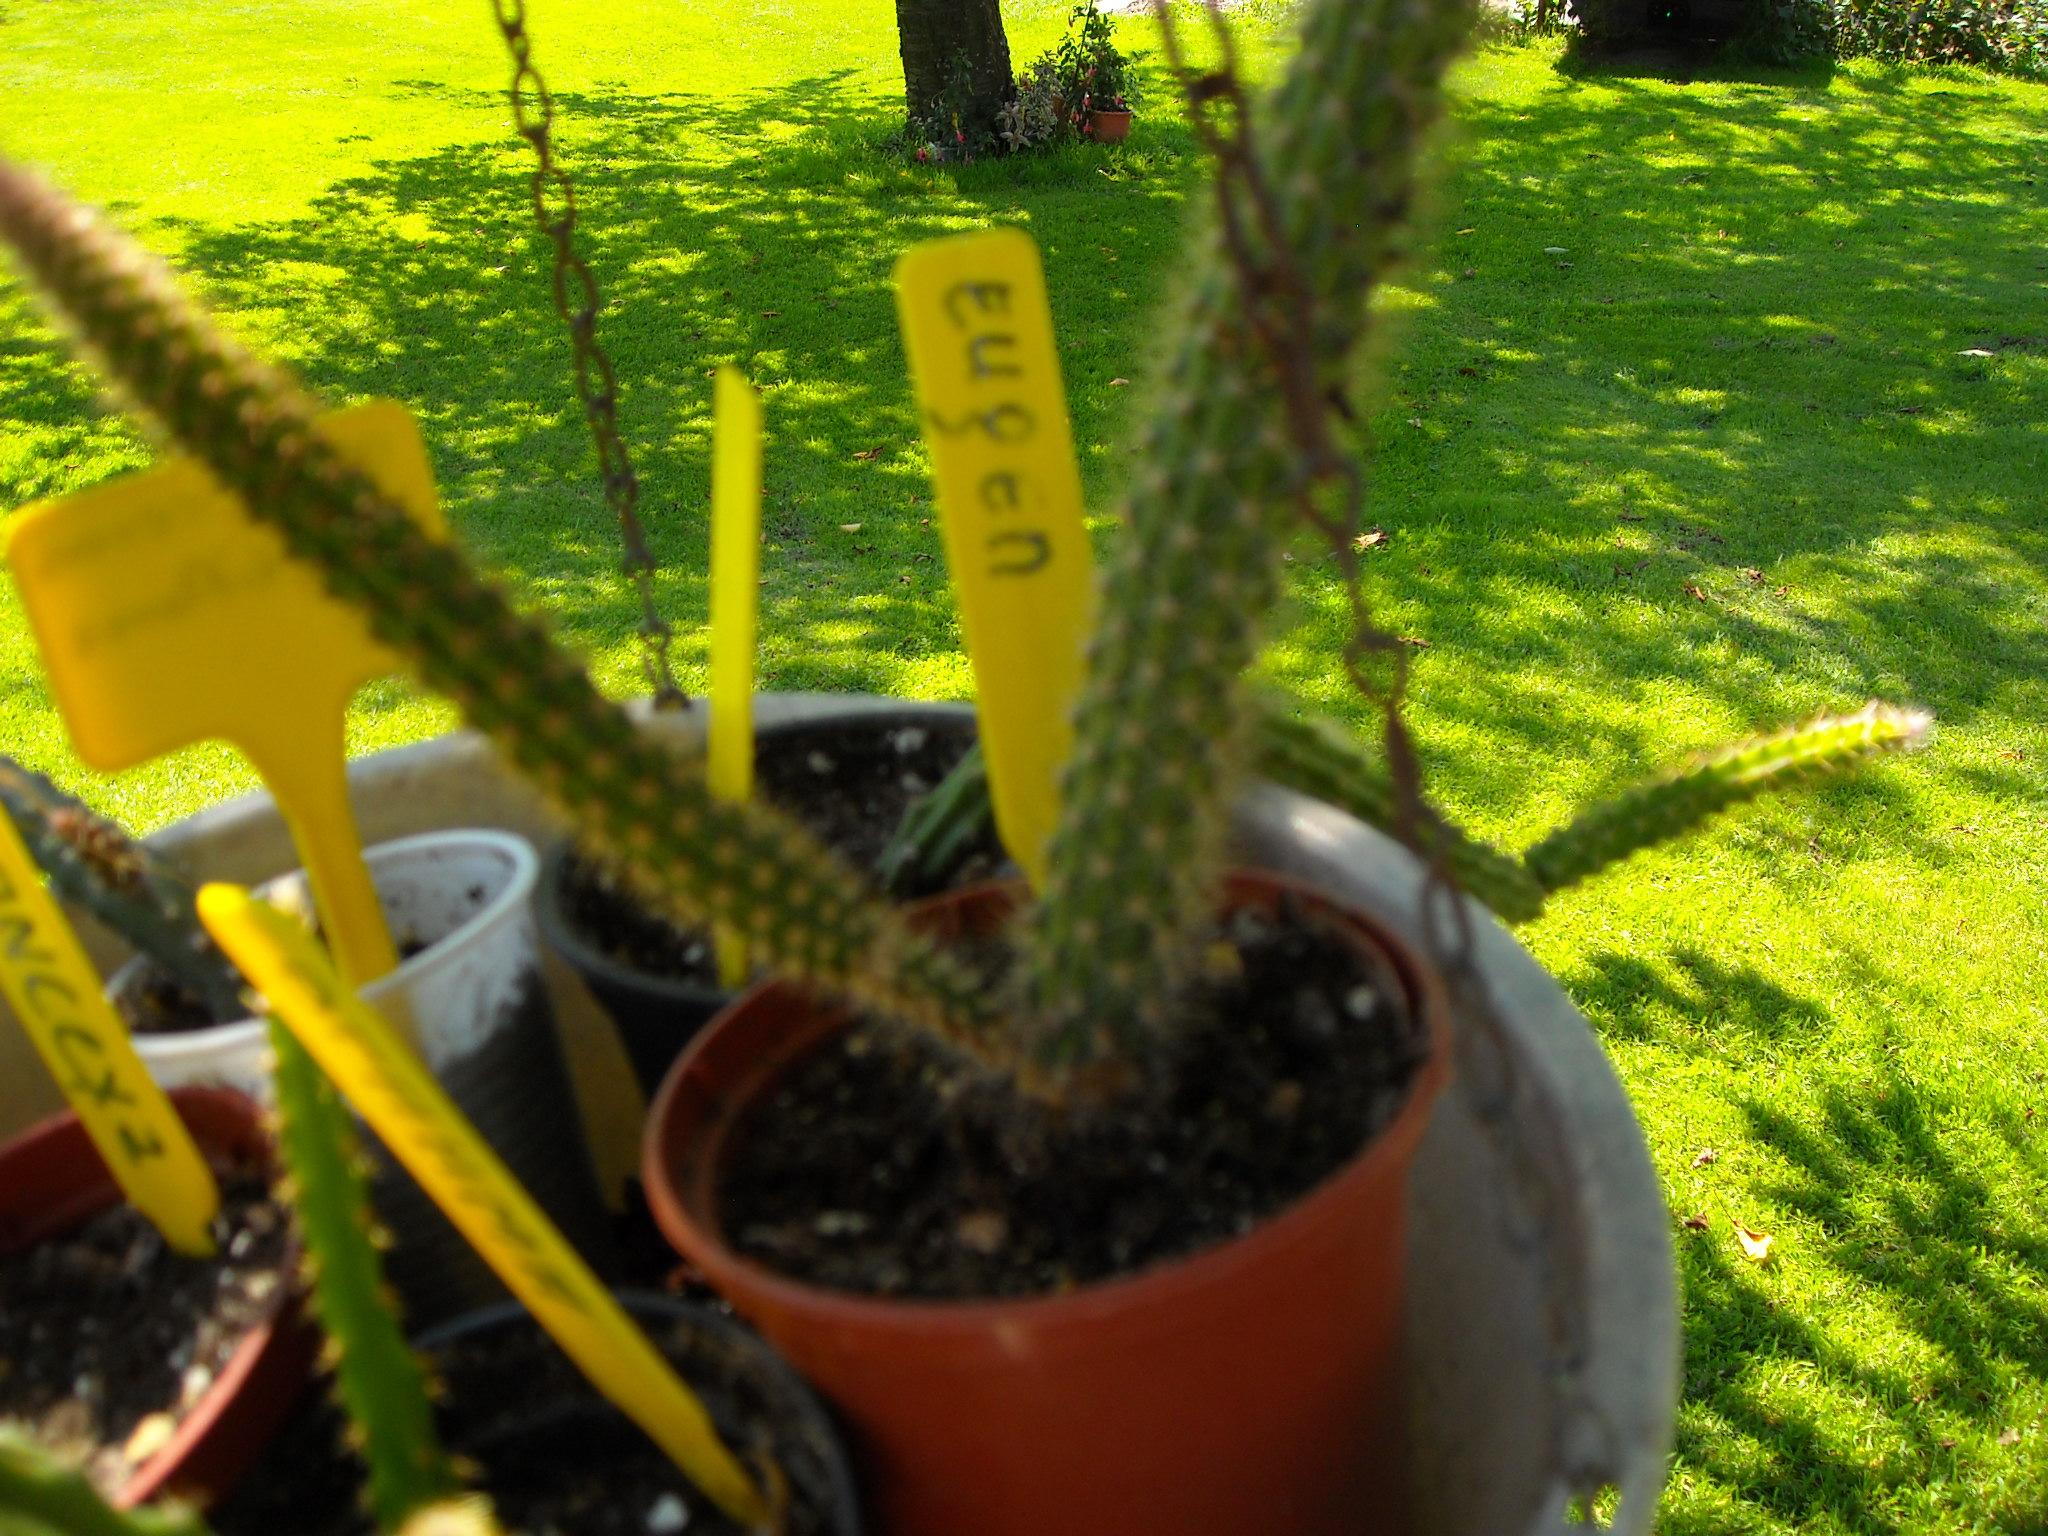 aporocactus beautg 351236potetaporoc010